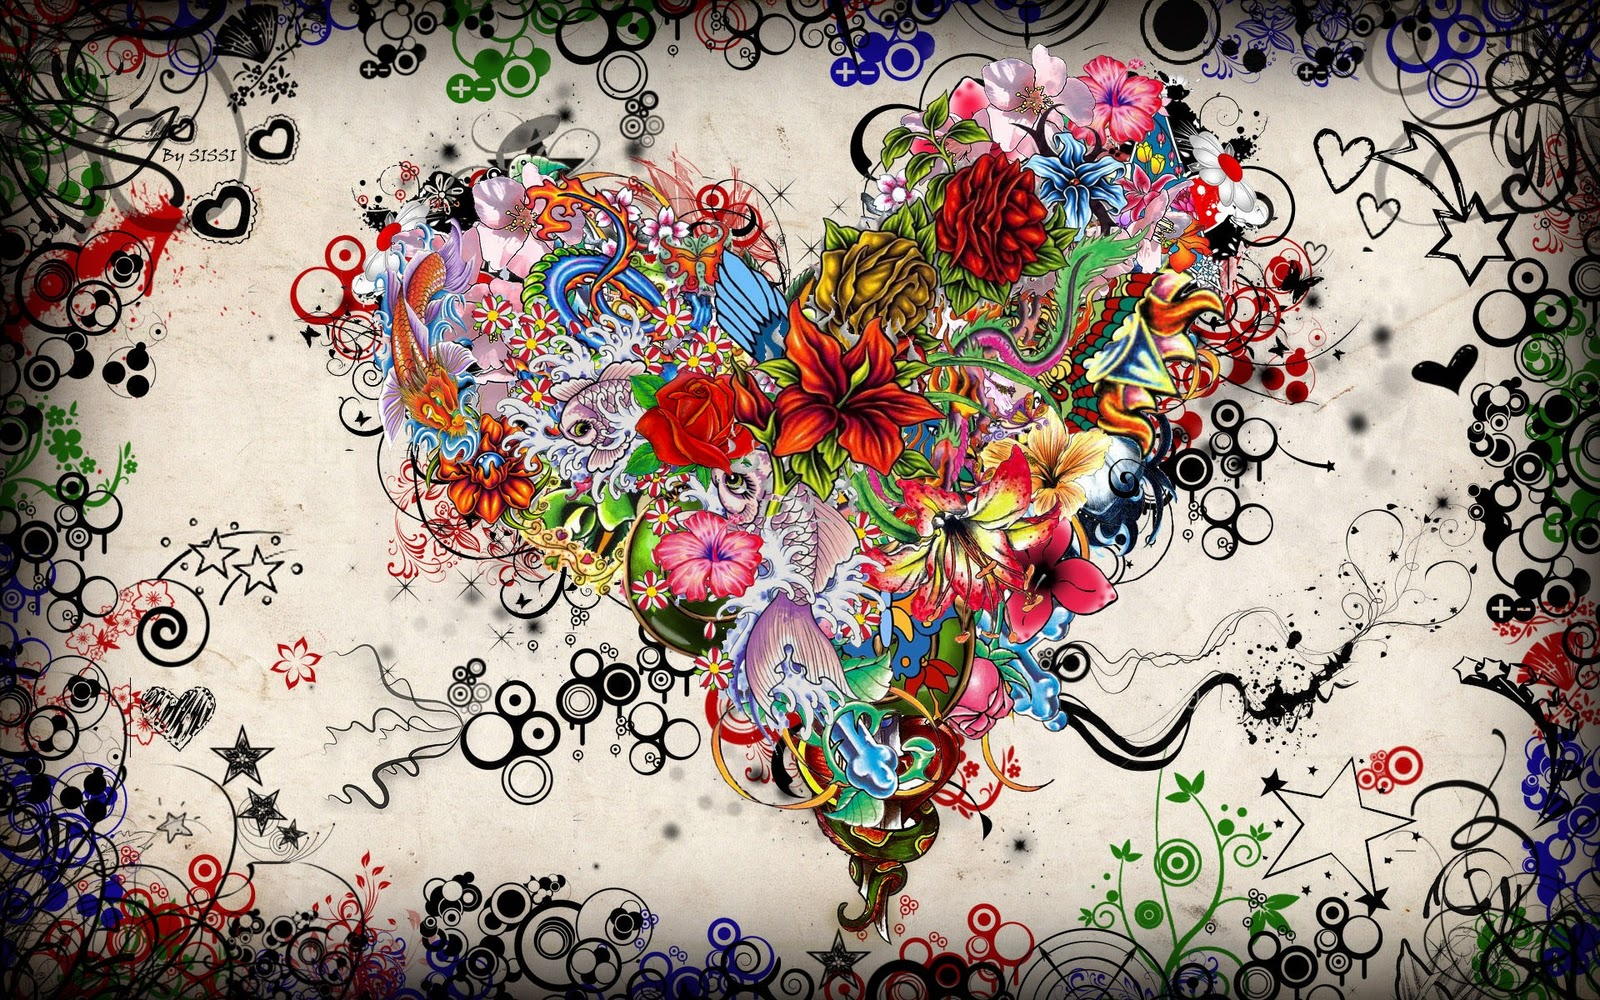 http://3.bp.blogspot.com/-9UKOn_F5lEo/TsQKzrtGeMI/AAAAAAAAA14/PmD8yTH9qr8/s1600/Stars+Flowers+Heart+Emotions+Colorful+HD+Wallpaper+-+LoveWallpapers4u.Blogspot.Com.jpg